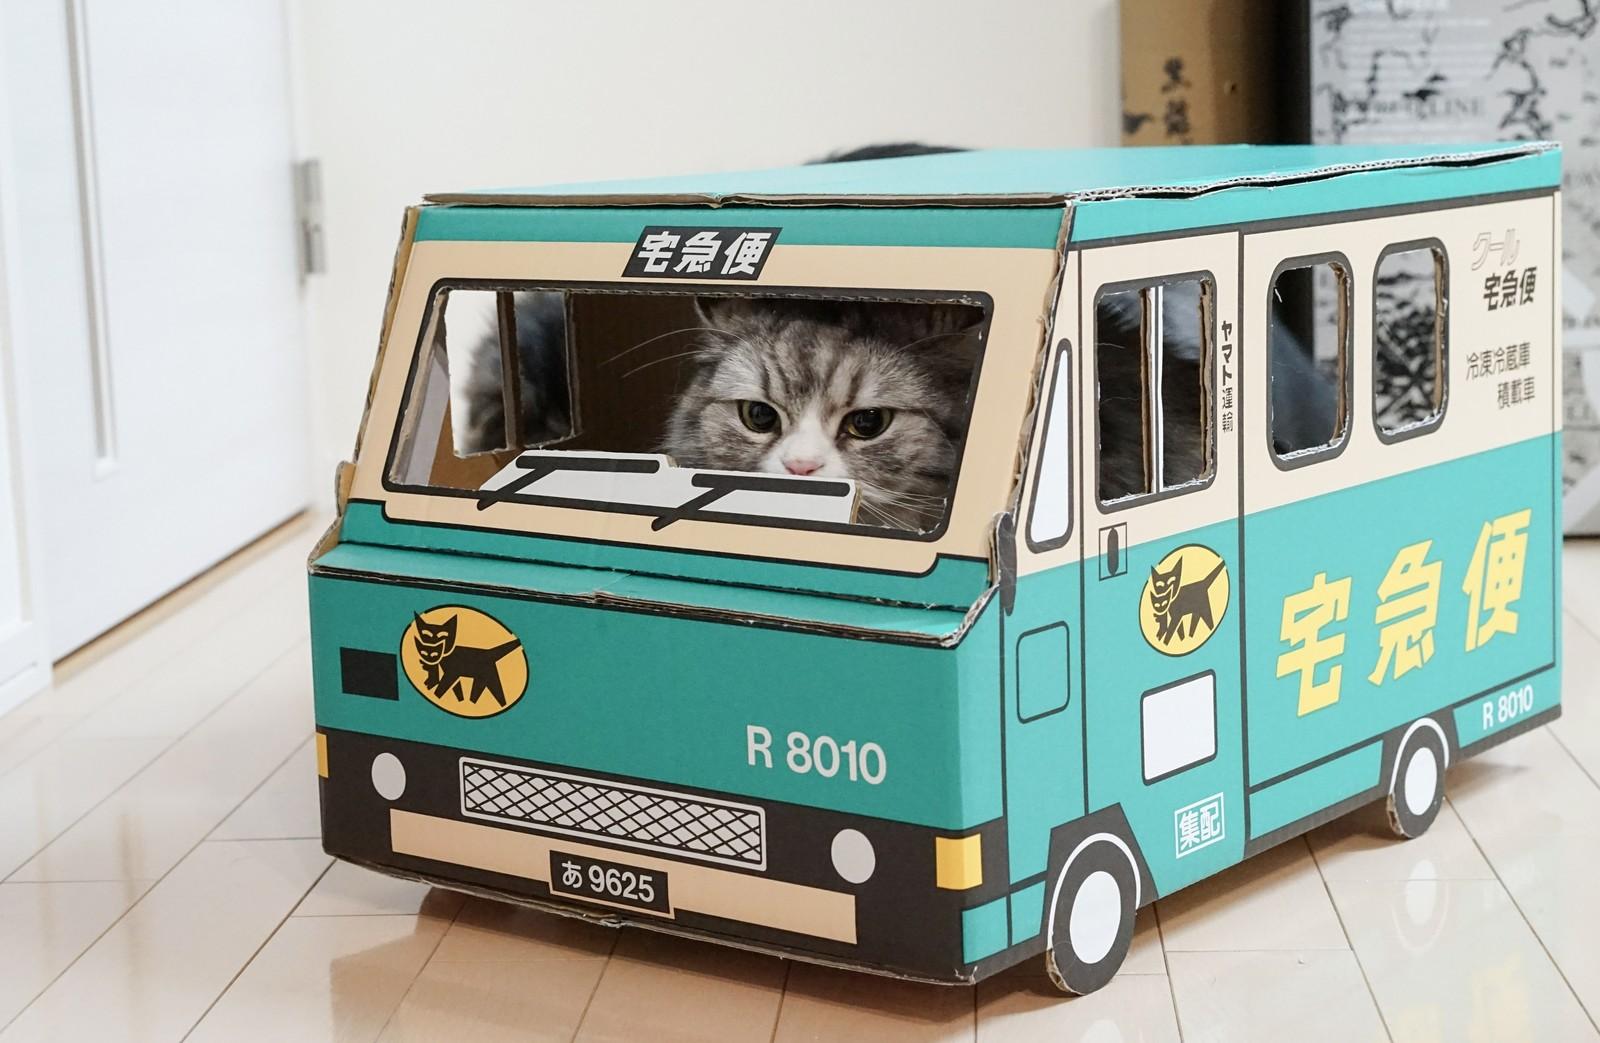 宅急便 荷物をお届けにあがりましたー(猫)